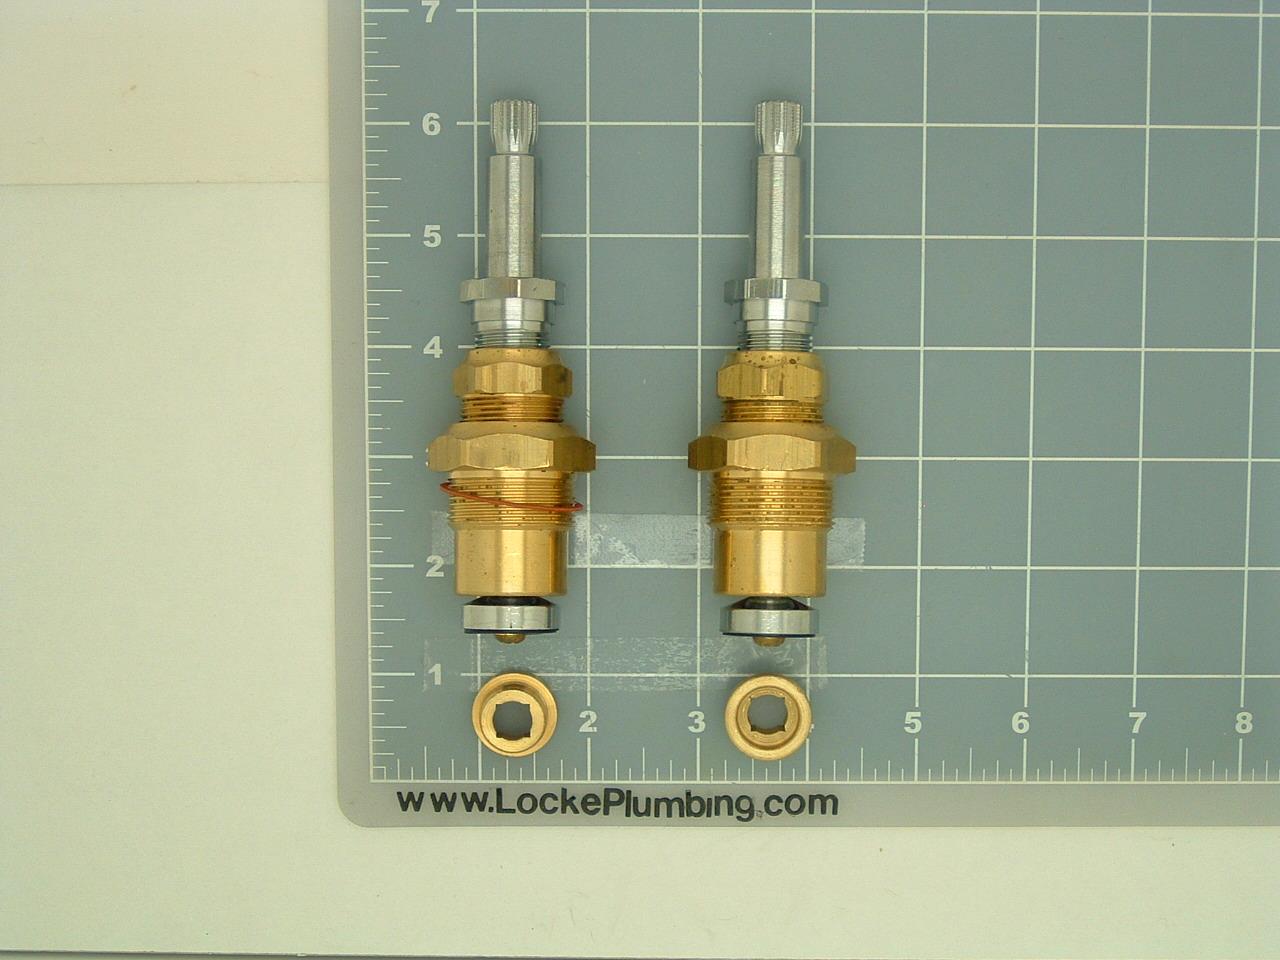 Speakman G05 0162 Stems With Seats Per Pair Locke Plumbing